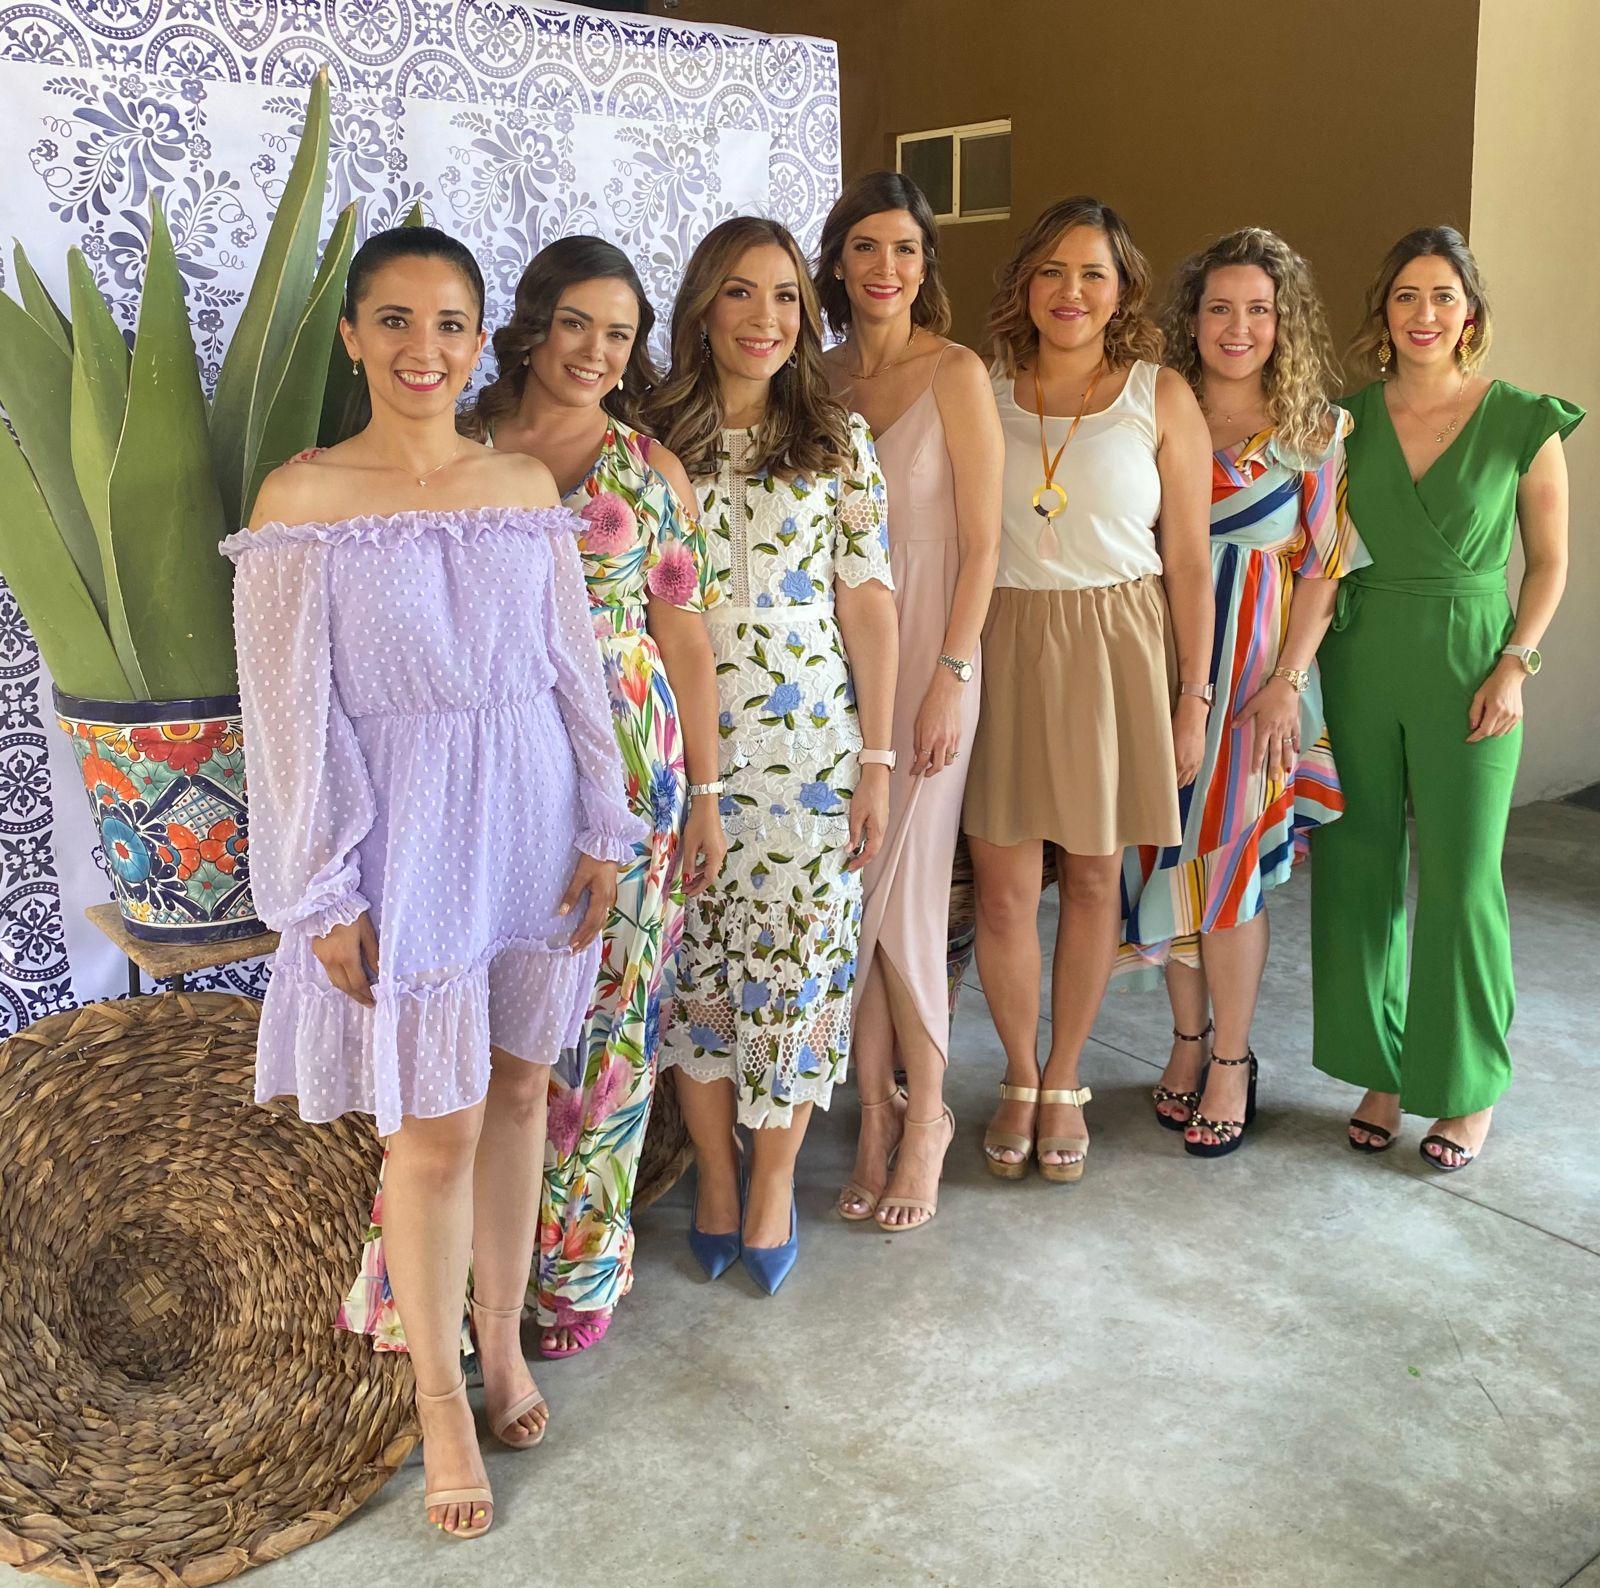 Wendy Castañeda, Lesly Dewey, Beatriz Carrillo, Adriana Rodríguez, Nicte Guerrero, Romy Valdés y Yussel Lozano.